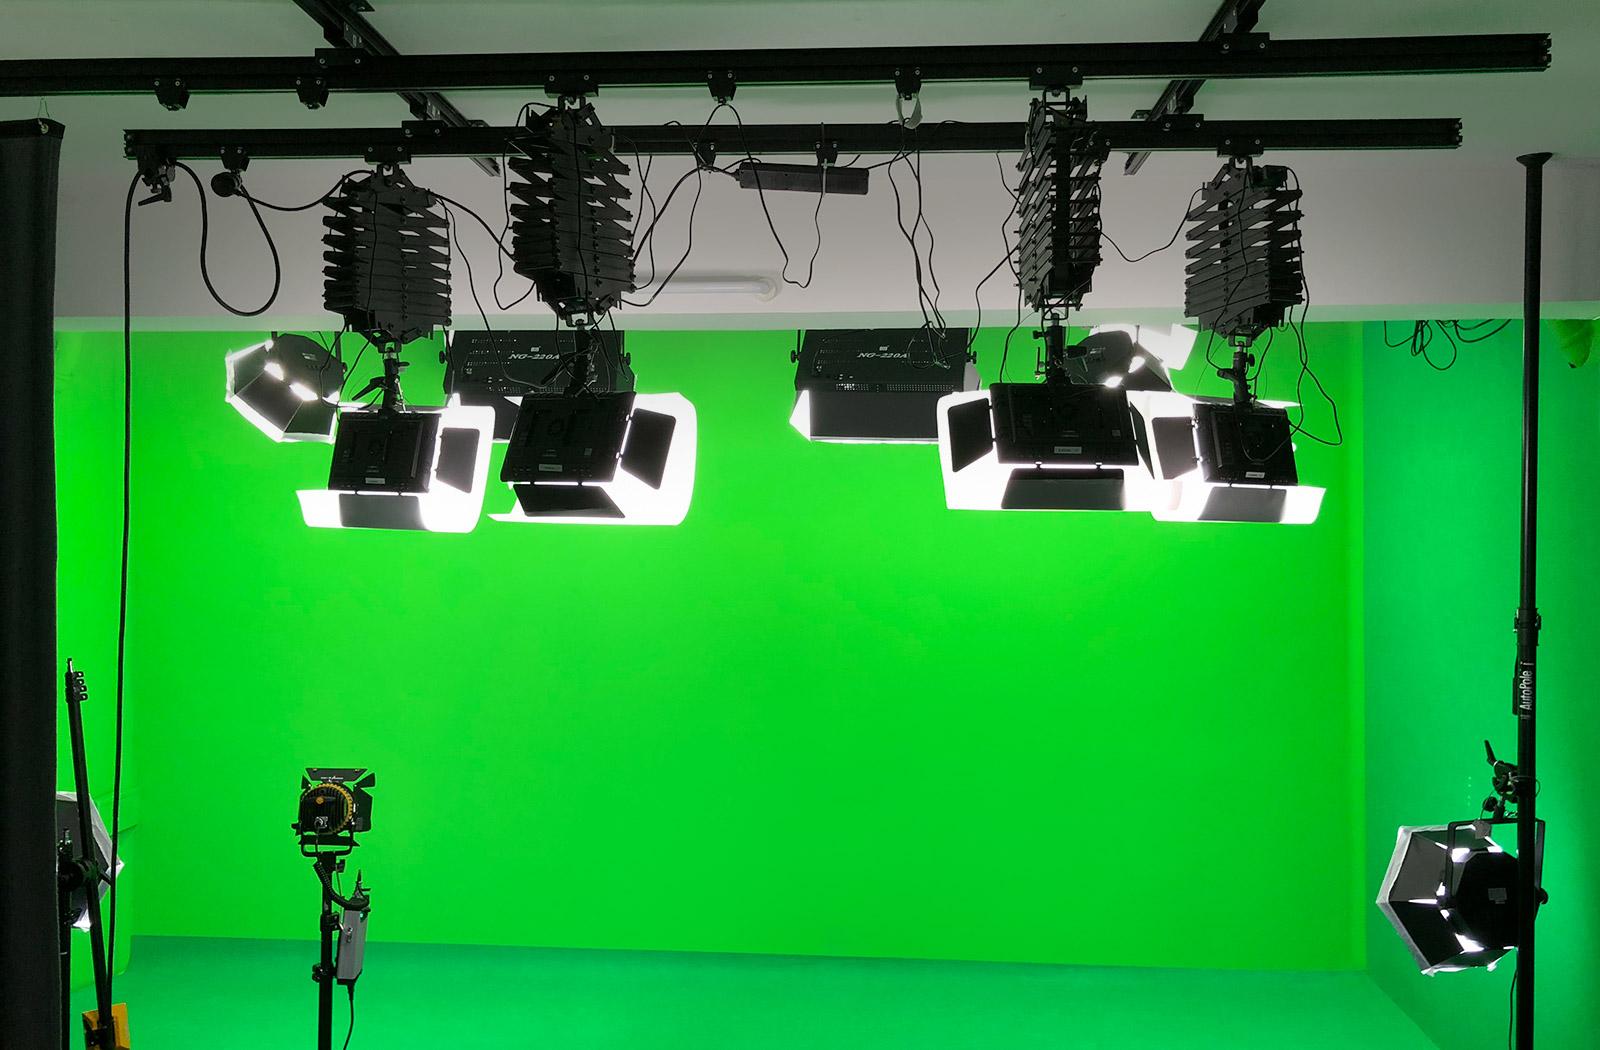 Studio Grün - Miet-Studio in Hamburg › Ihr kompaktes Greenscreen ...